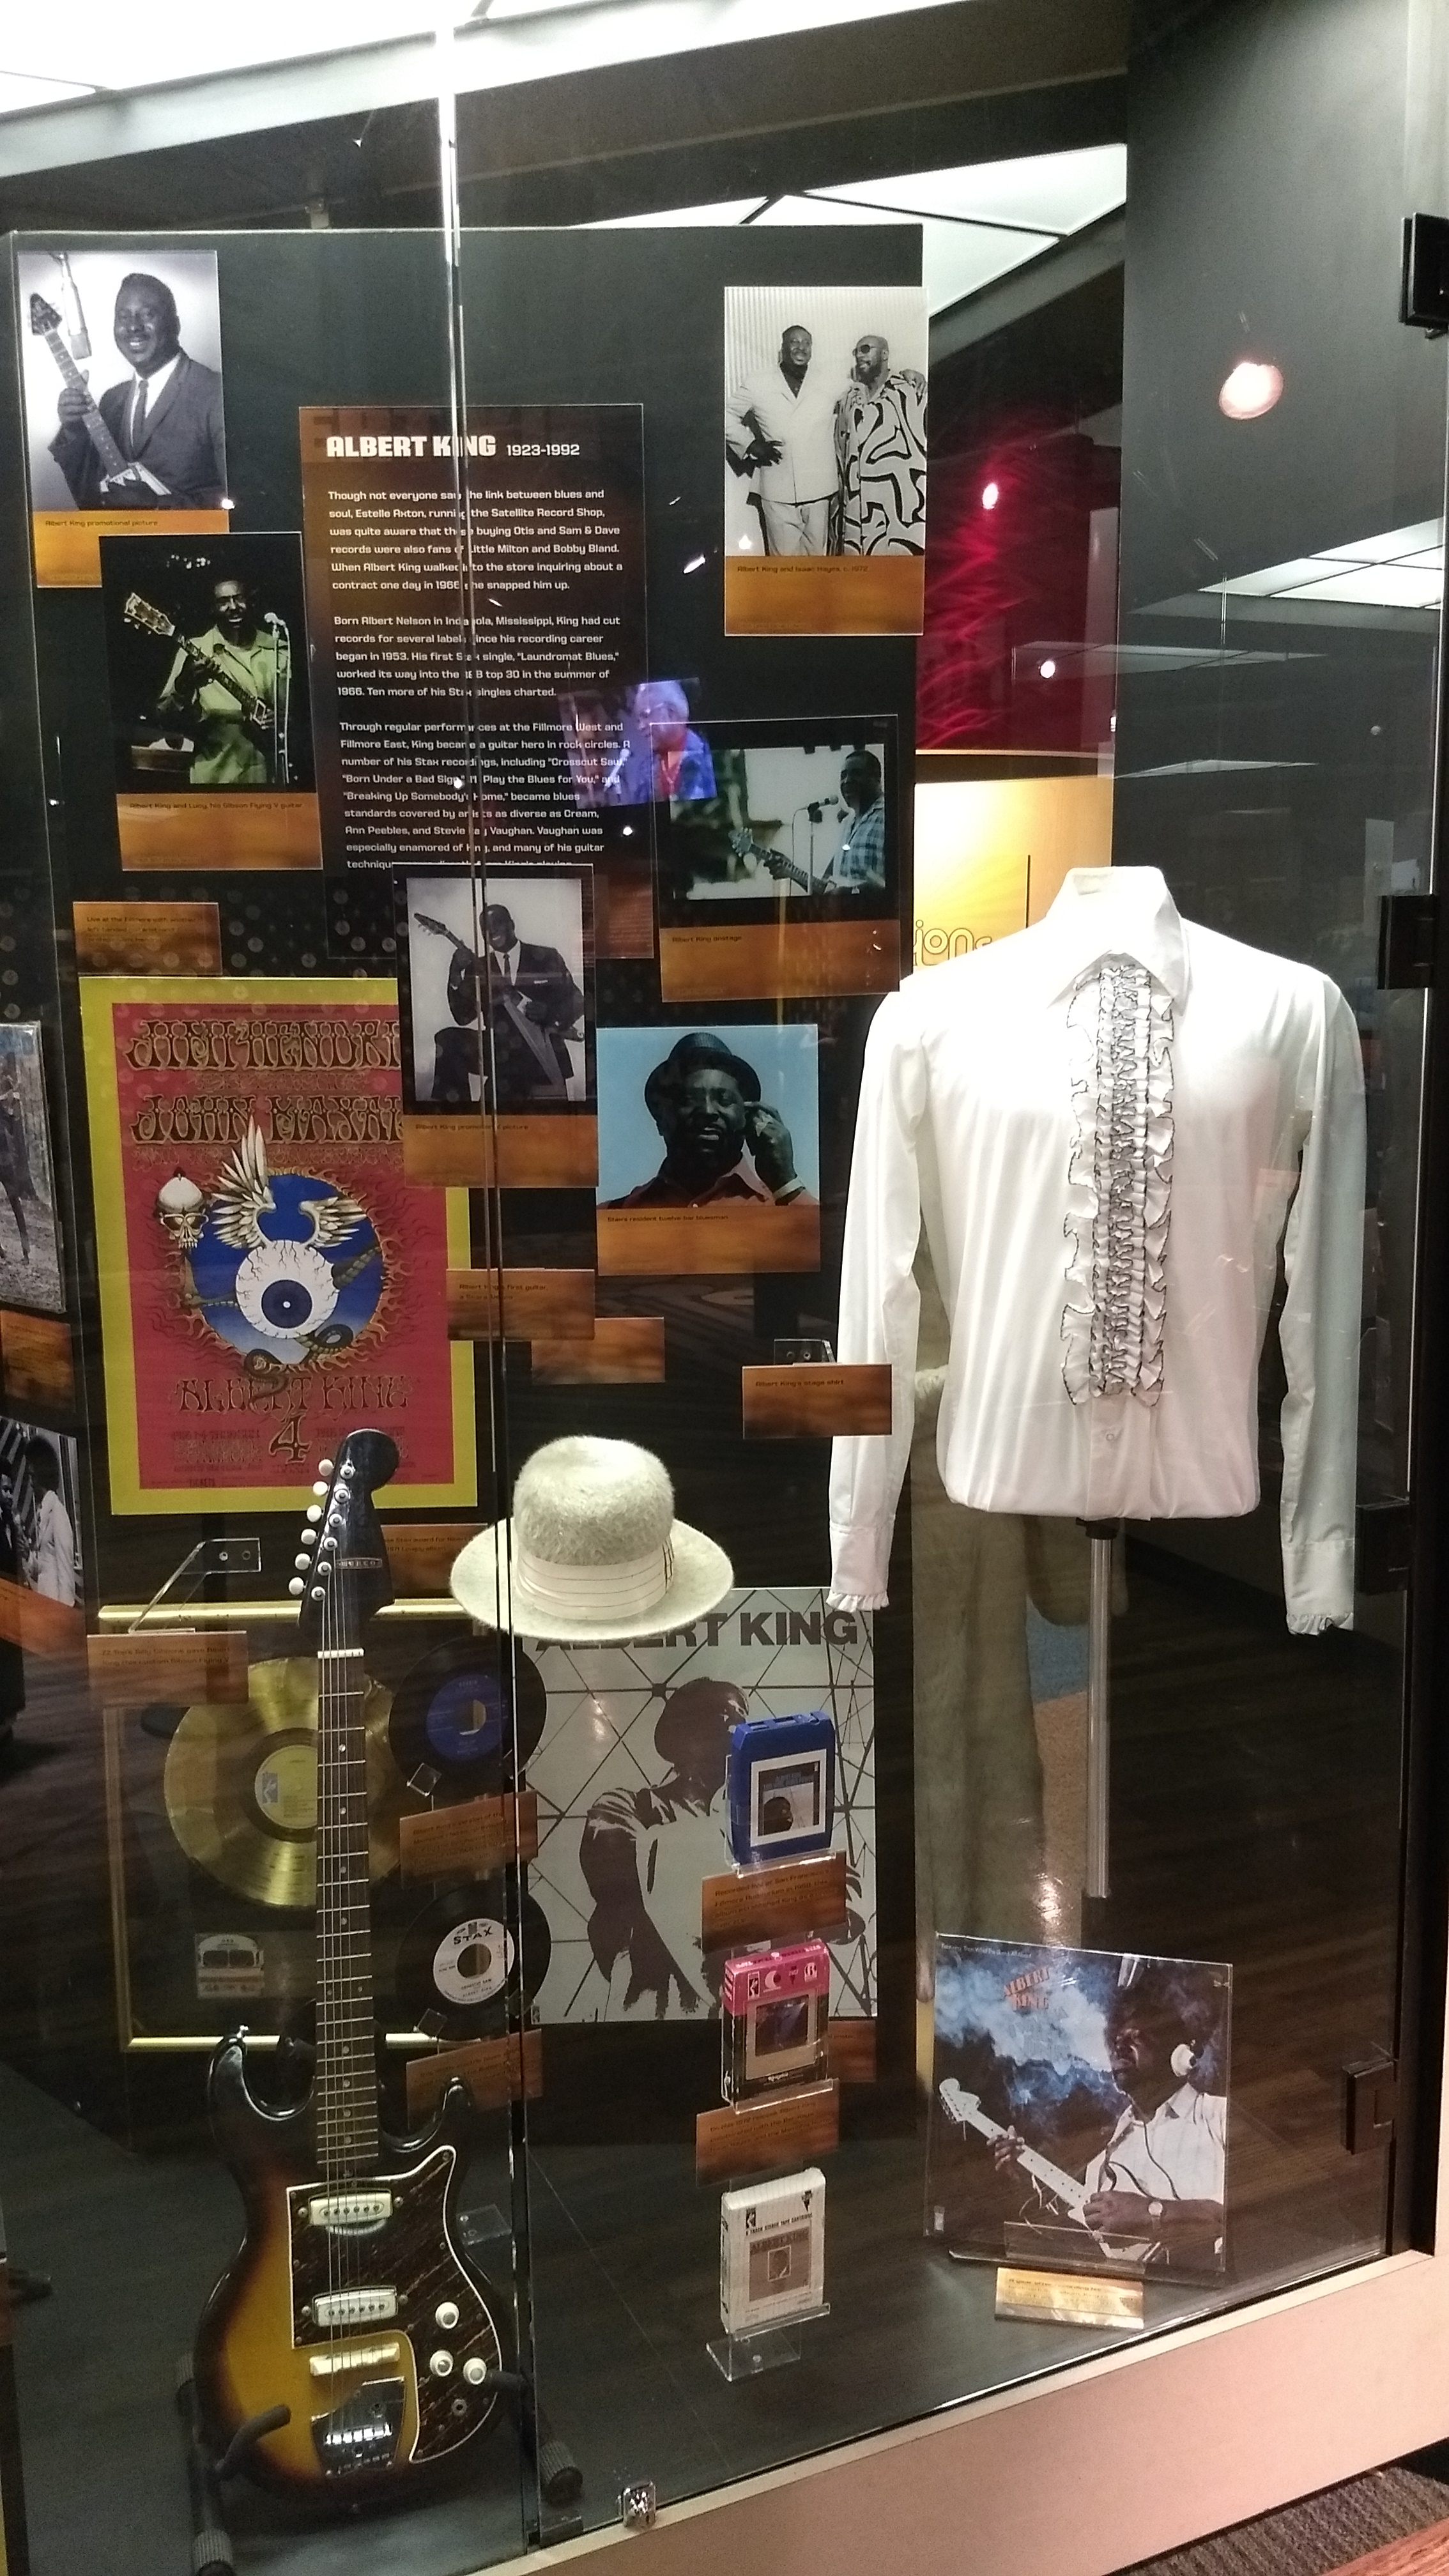 Albert King exhibit